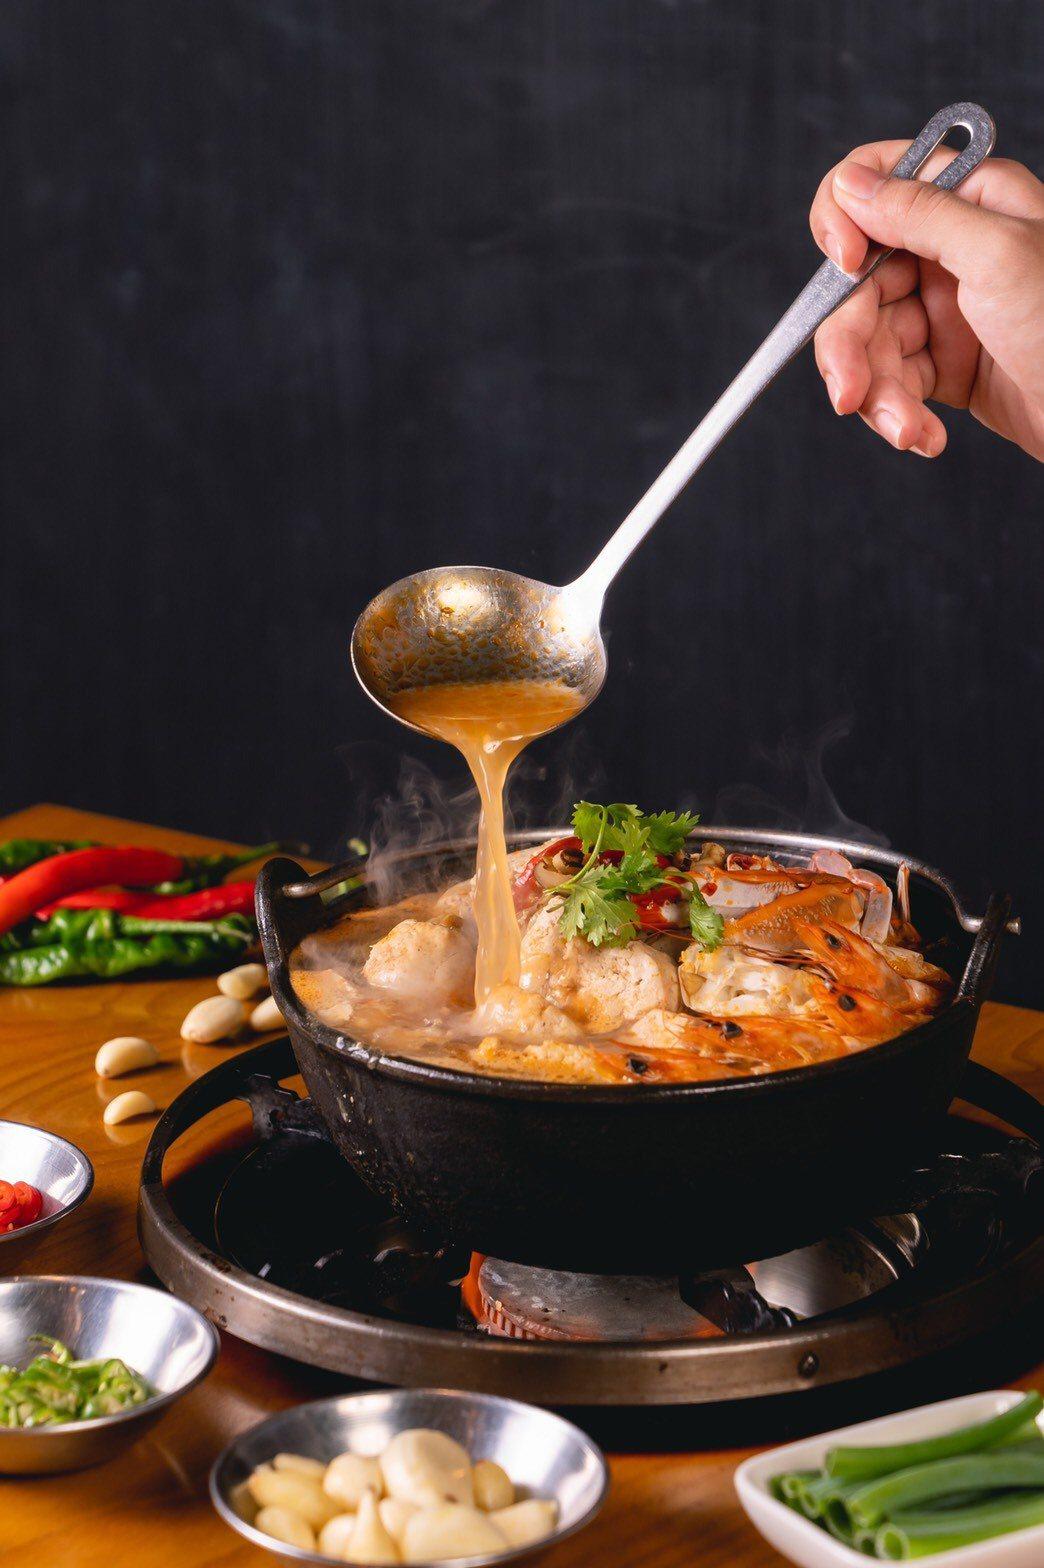 無論是陣陣飄香一口咬下即噴汁的紅燒臭豆腐,或Q彈扎實帶有淡淡海水味的沙蝦與三點蟹...